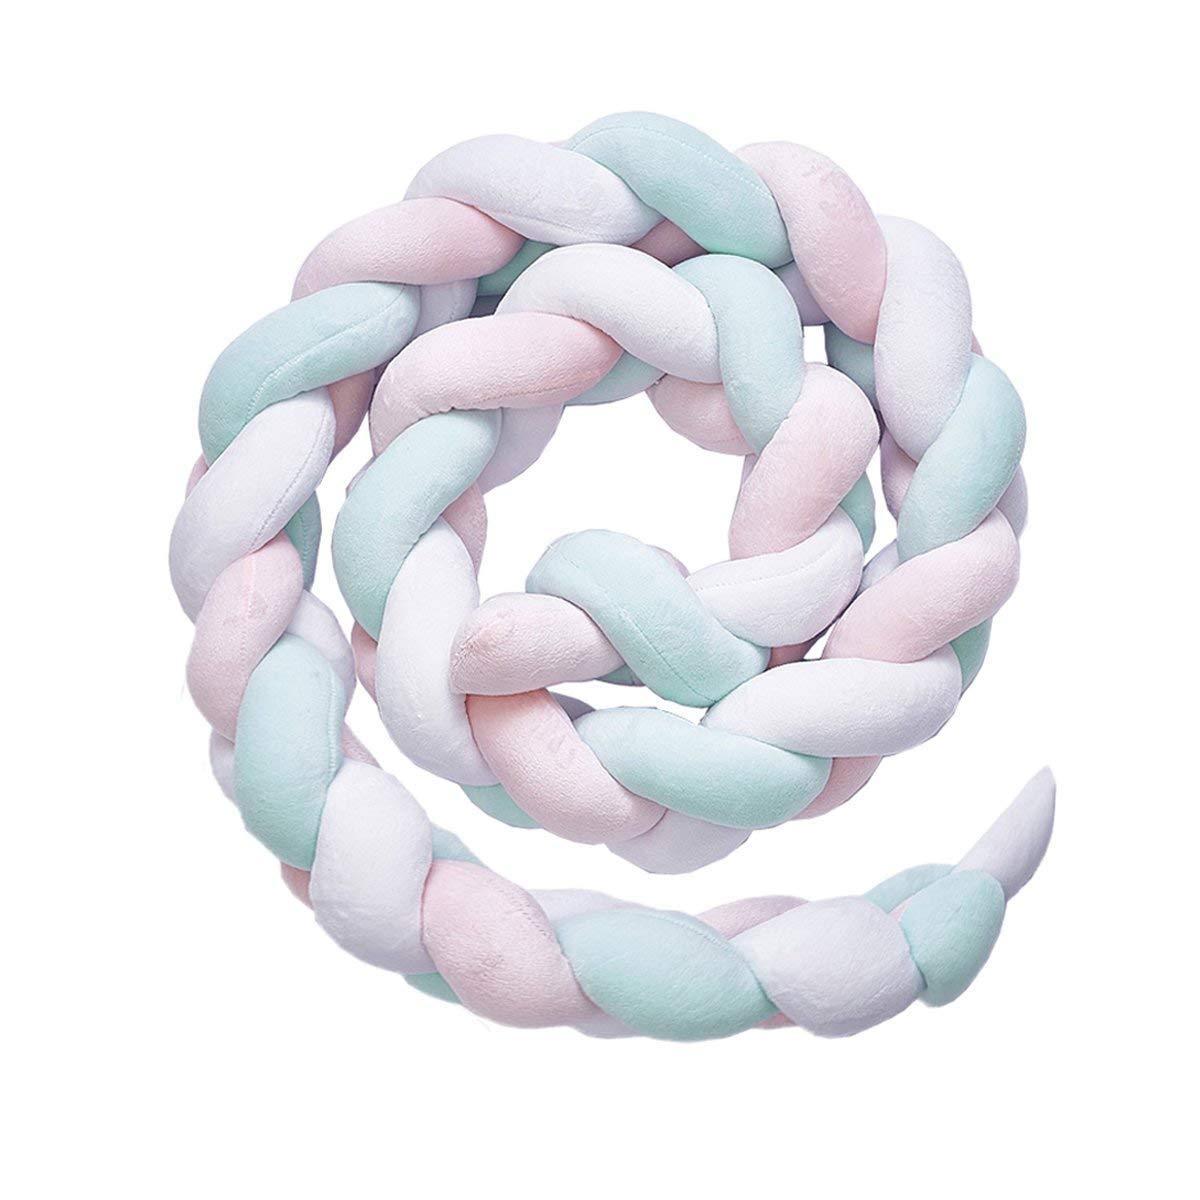 Cojín trenzado hecho a mano para el parachoques de bebé, cojín decorativo para la cama del bebé, suave para regalo, almohadillas para el parachoques de la cuna de bebé, cojín de peluche, decoración de la habitación del bebé (azul 200 cm) MIKAFEN